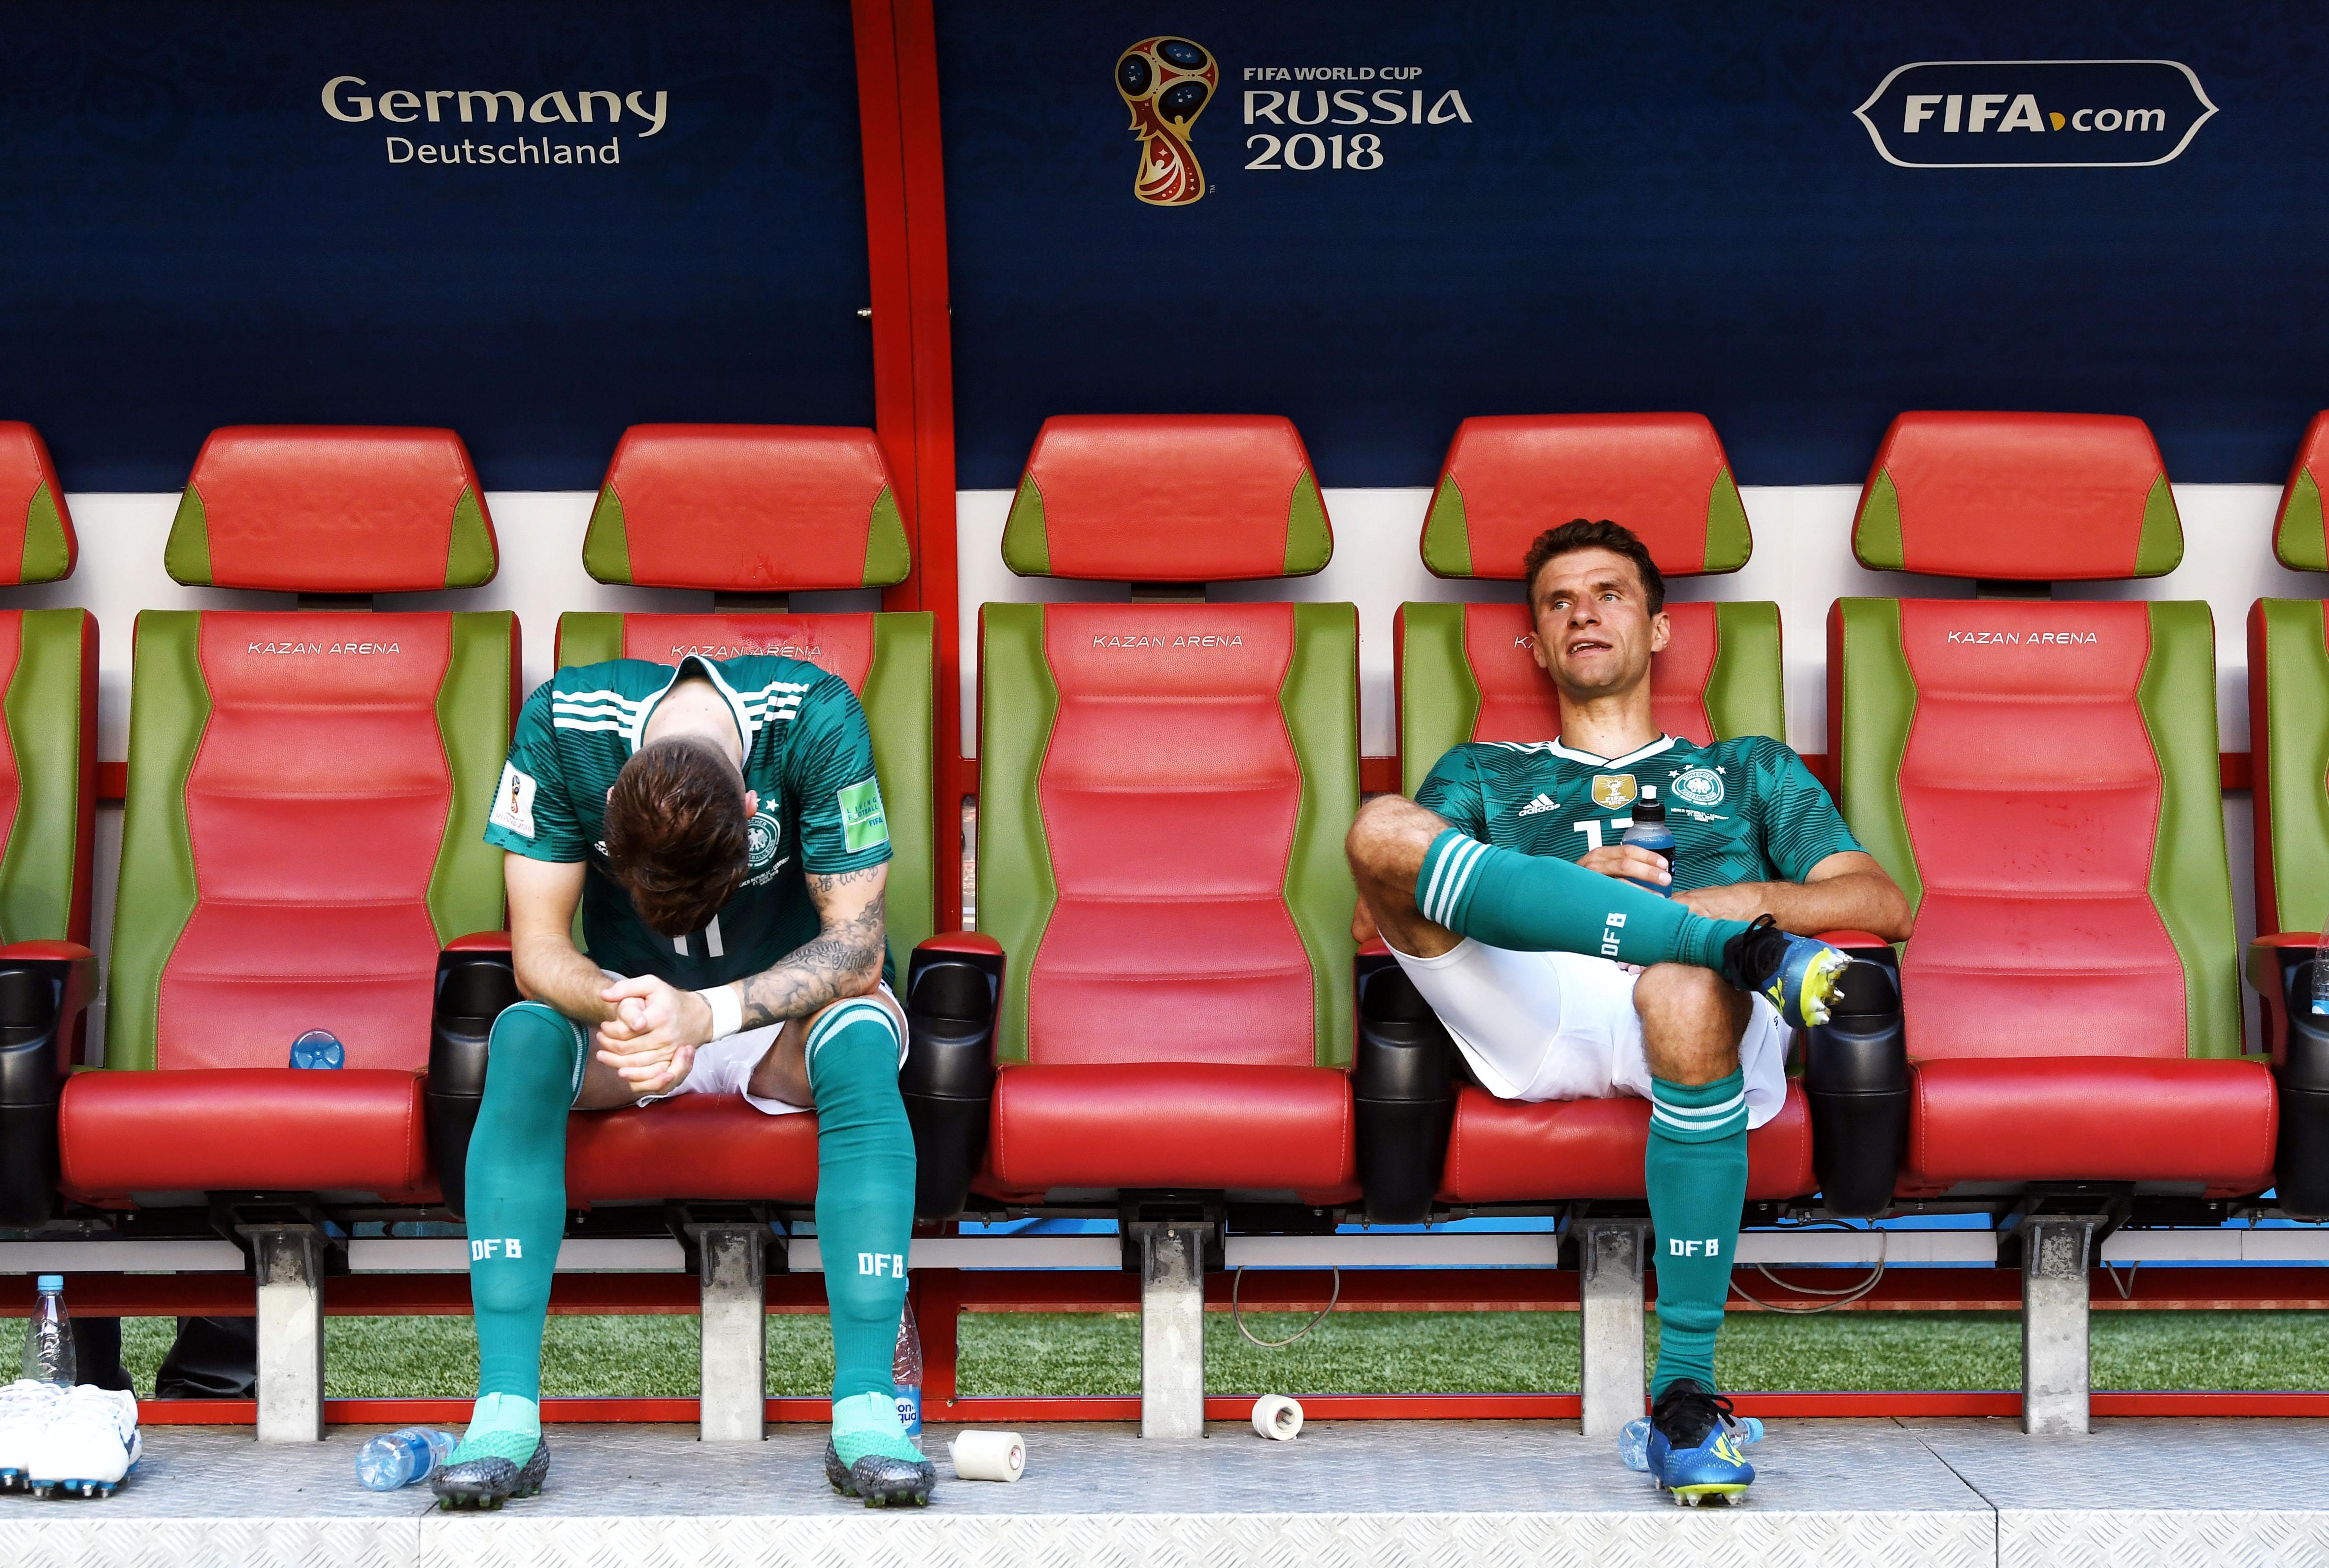 Марко Ройс иТомас Мюллер после сенсационного поражения вматче сЮжной Кореей. Германия покинула турнир, впервые вистории невыйдя вплей-офф, идосрочно сложила ссебя полномочия чемпиона мира.